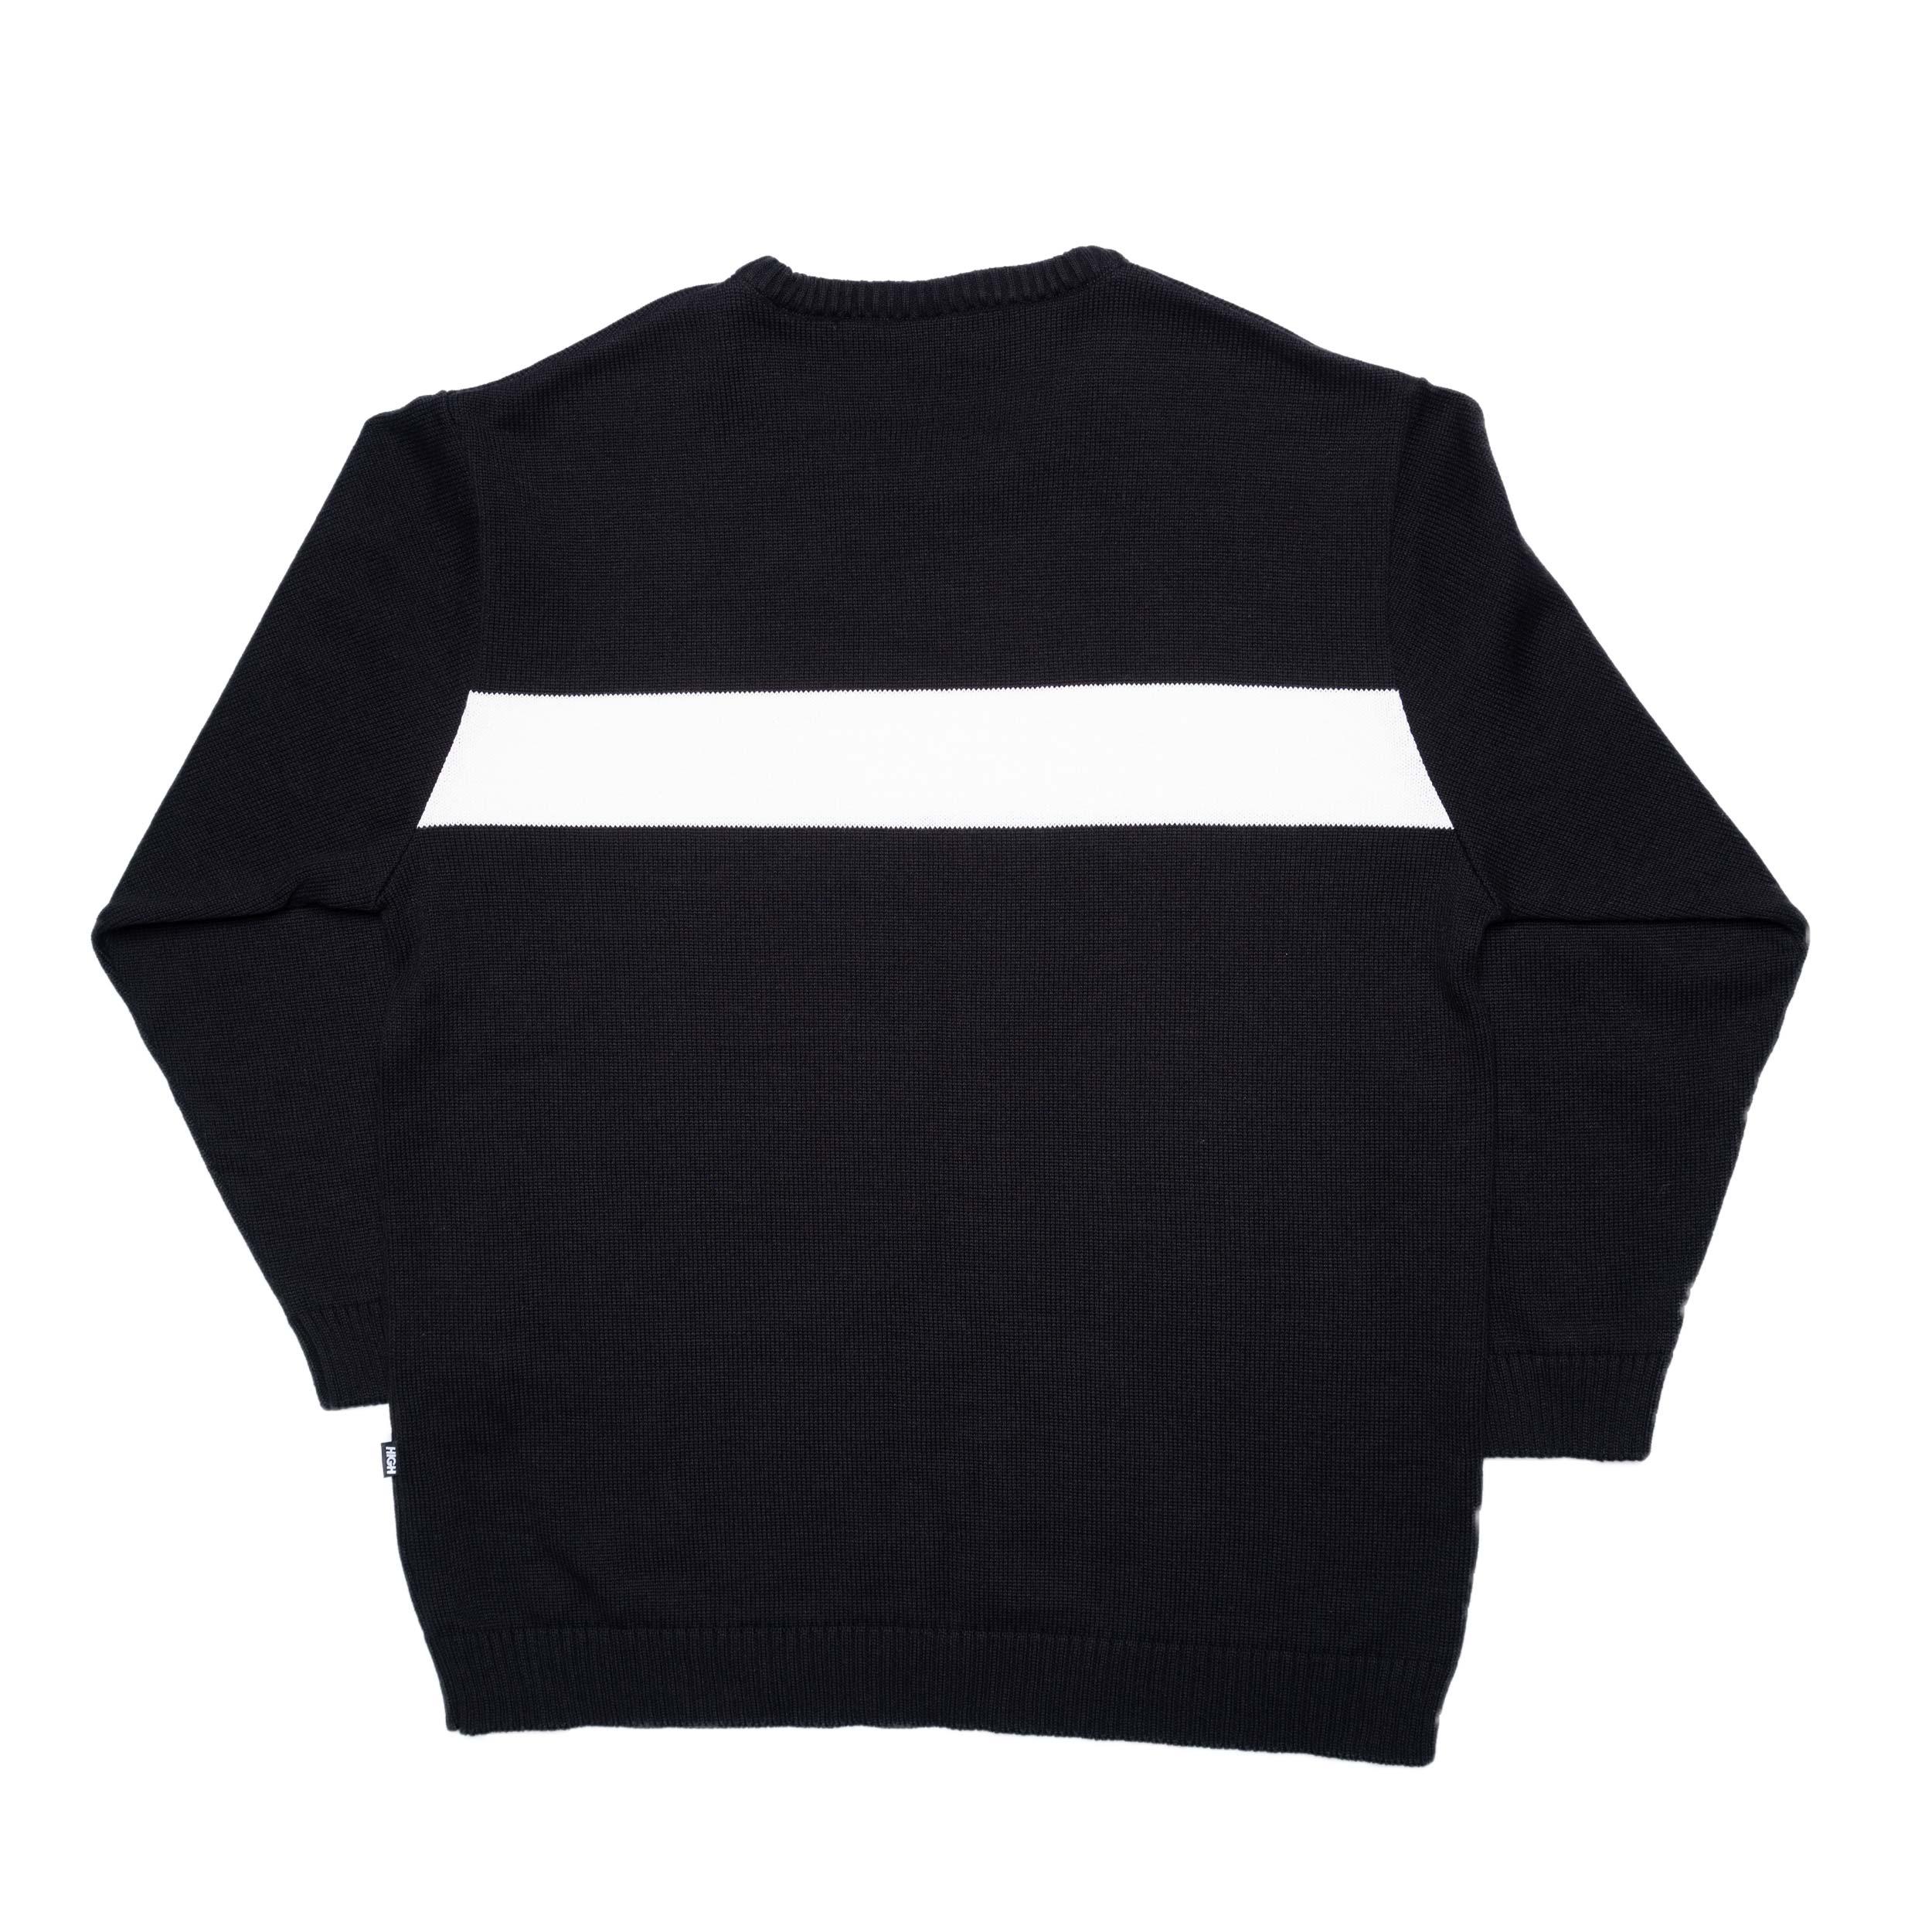 Knitwear_Black_White